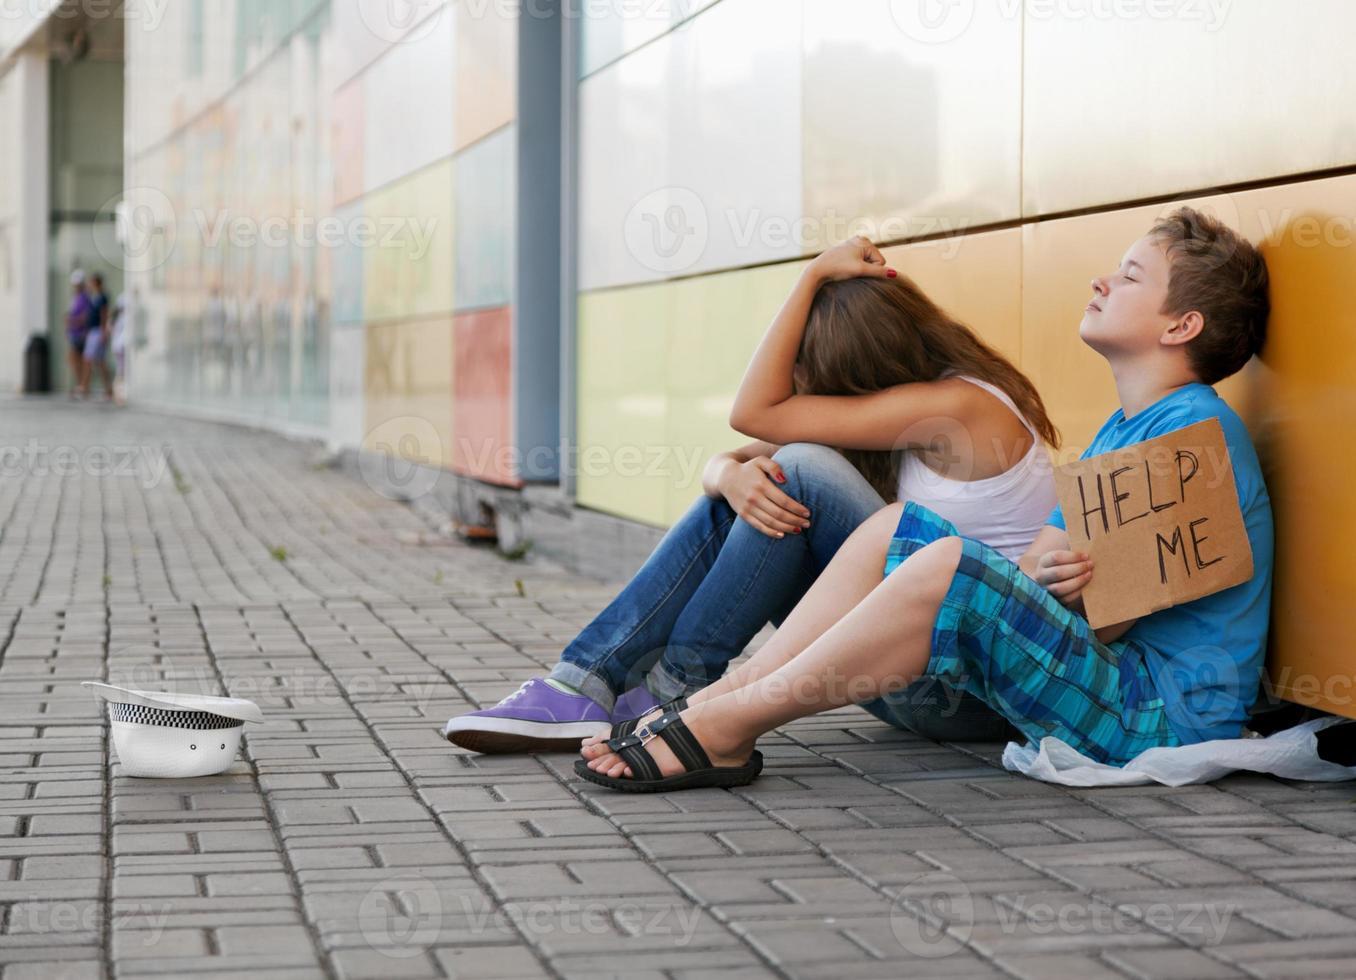 zwei junge Menschen betteln wegen Obdachlosigkeit foto